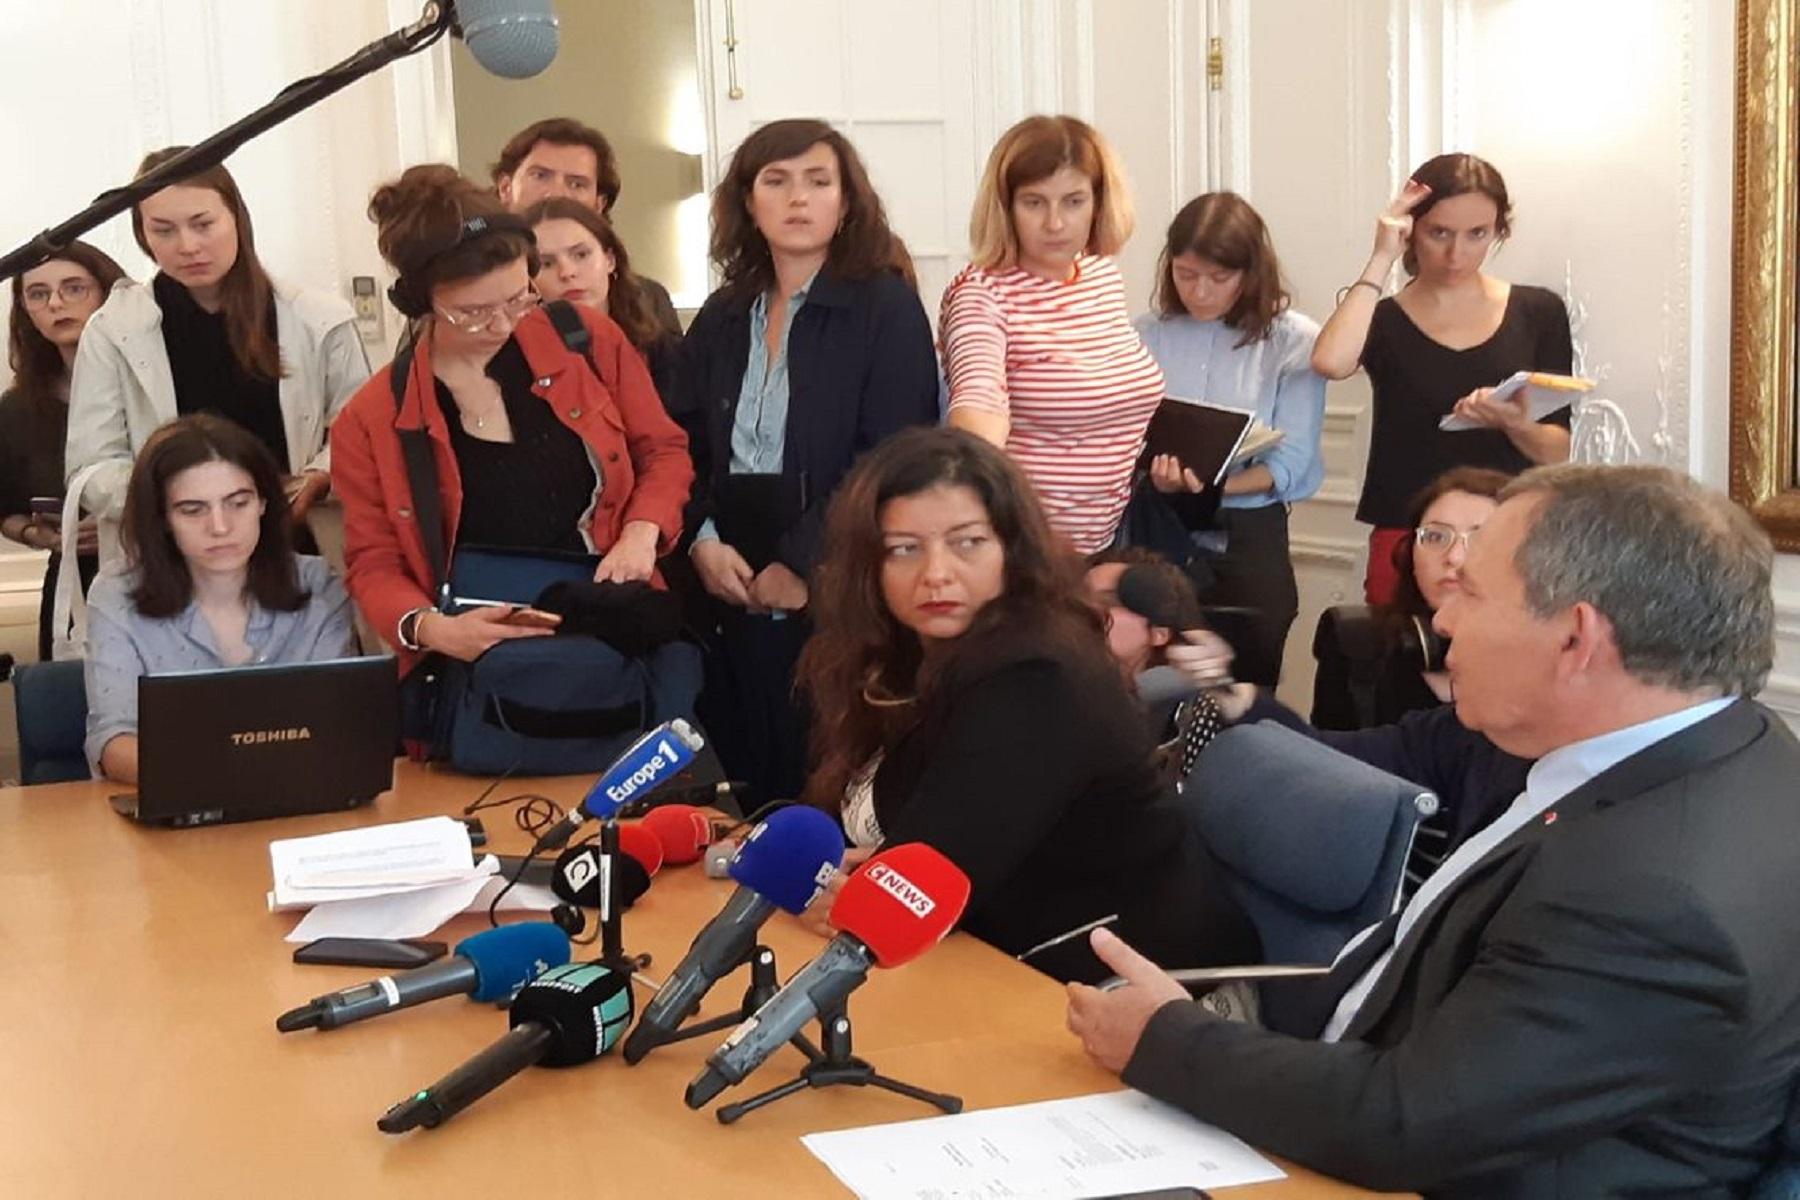 Εφετείο Παρίσι: «Ιστορική» νίκη για τα θύματα σεξουαλικής παρενόχλησης